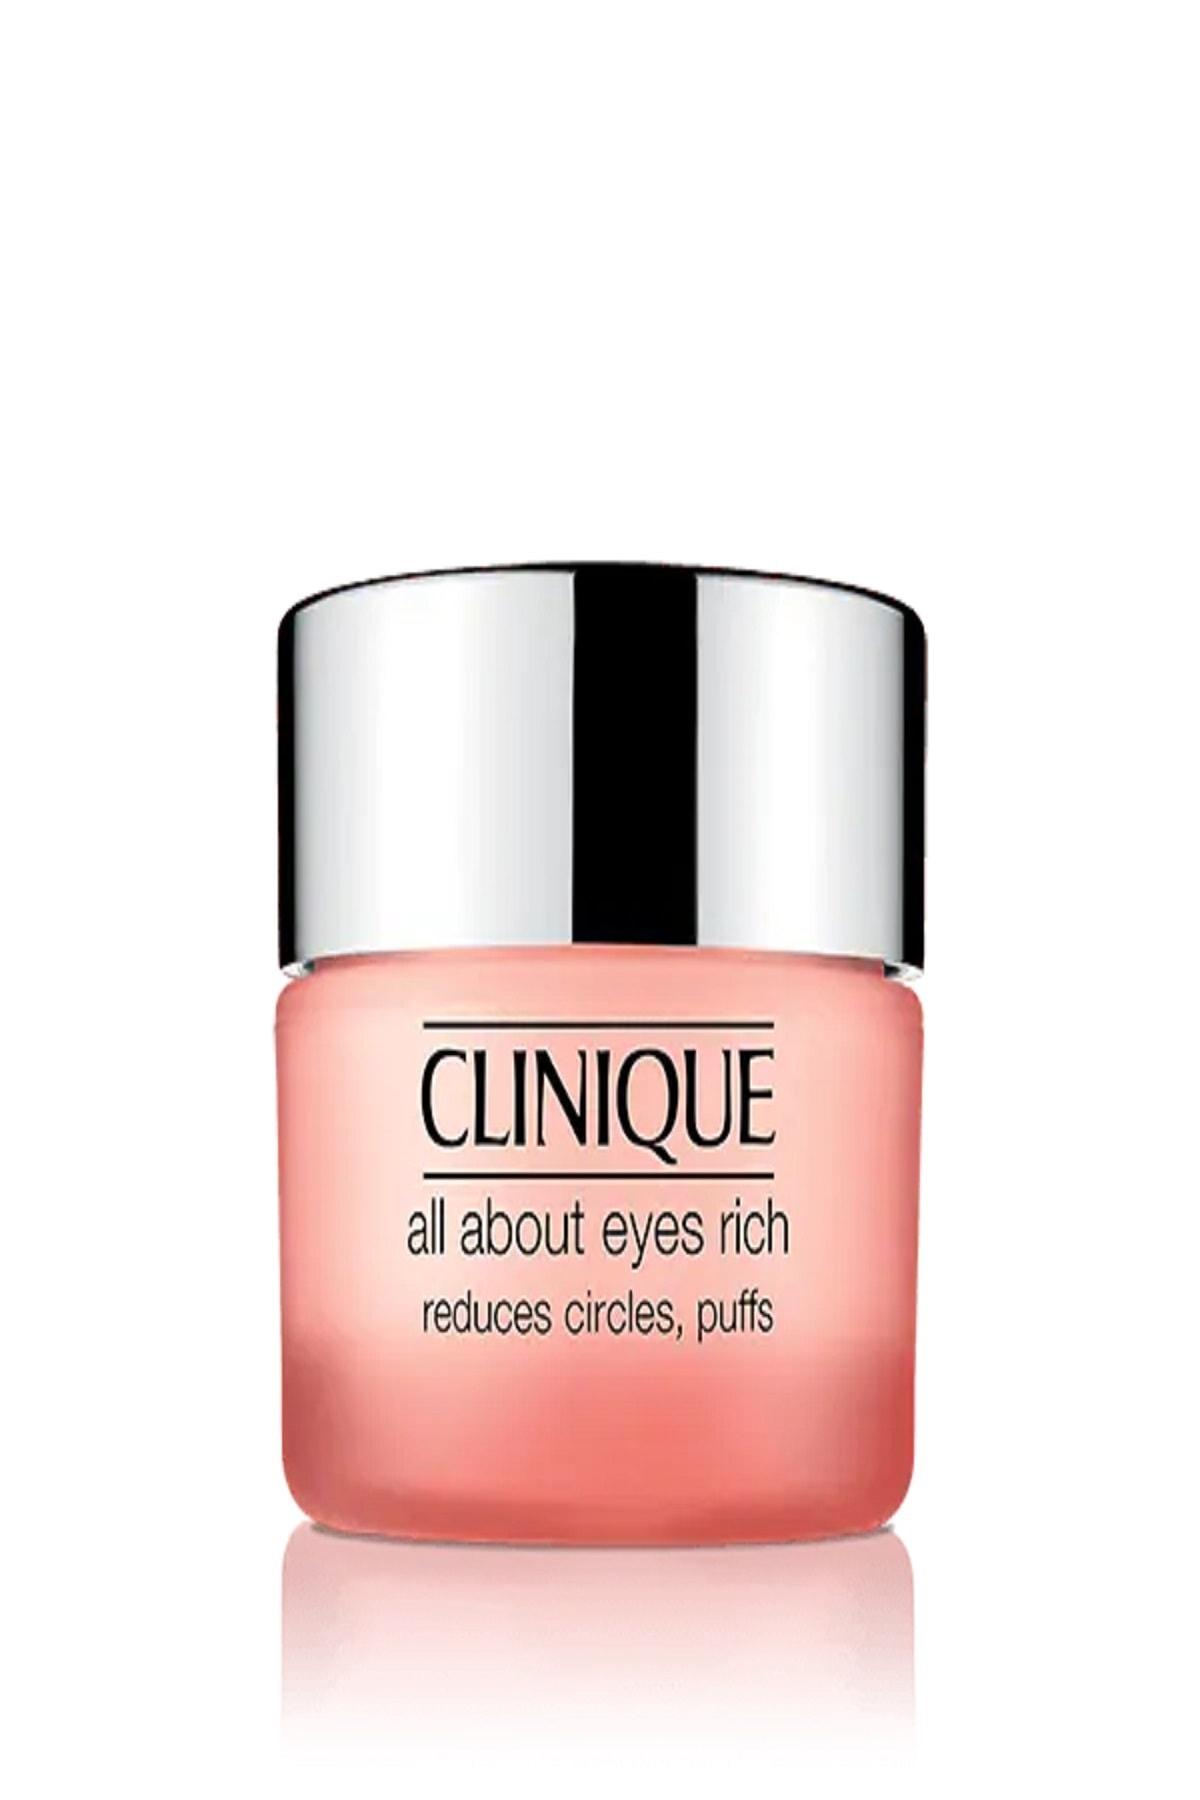 Clinique Clınıque All About Eyes Rıch Yoğun Göz Çevresi Bakım Kremi 15ml 1